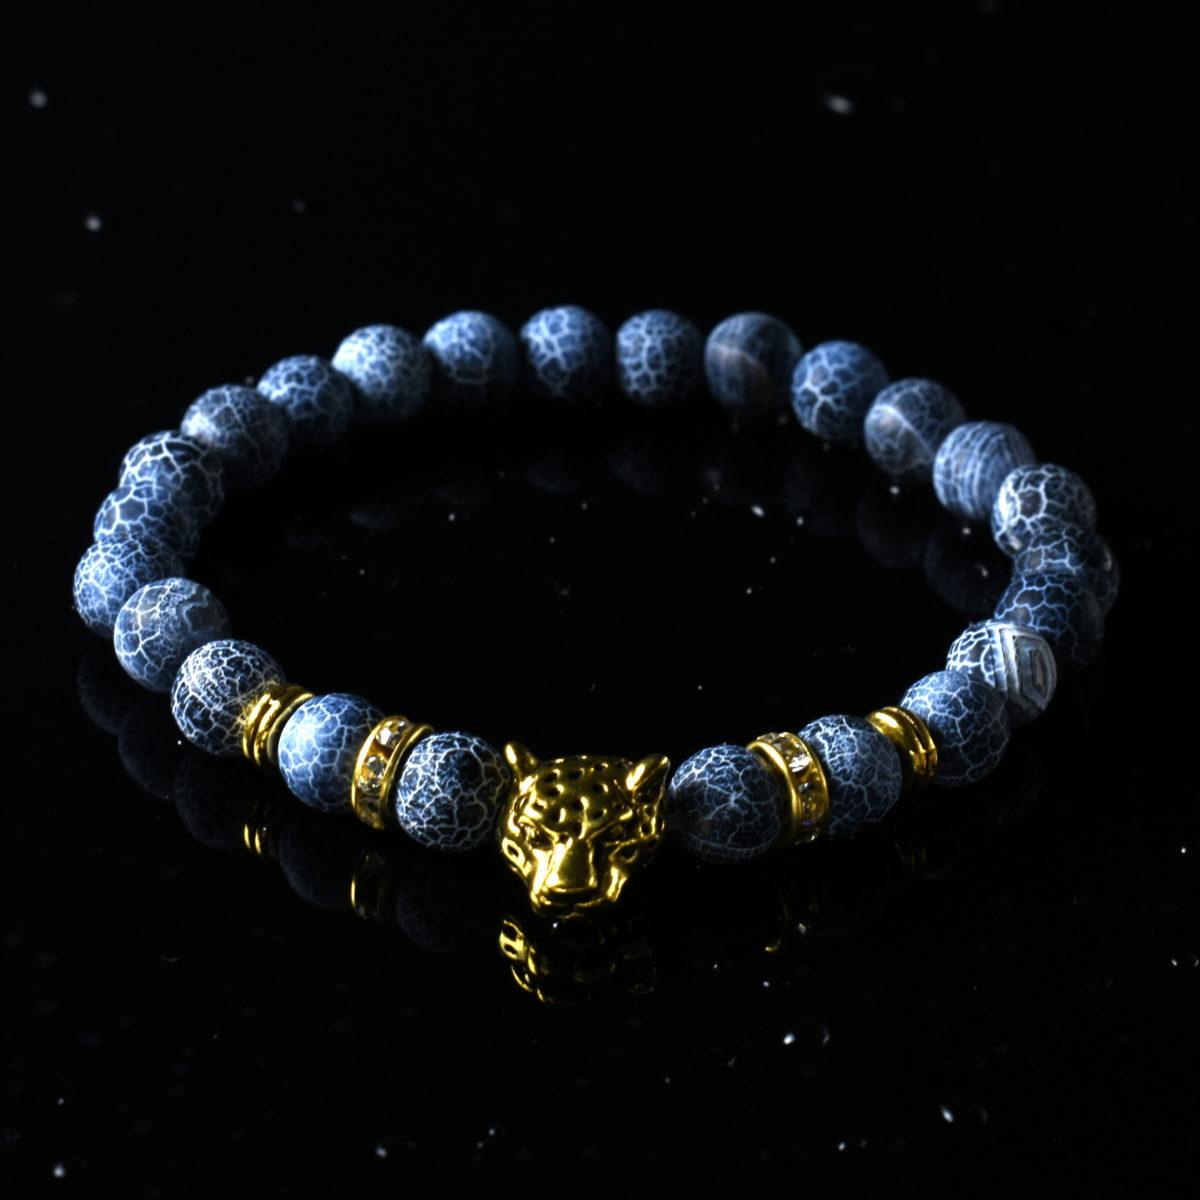 Женский браслет из бусин синего цвета с золотистыми вставками